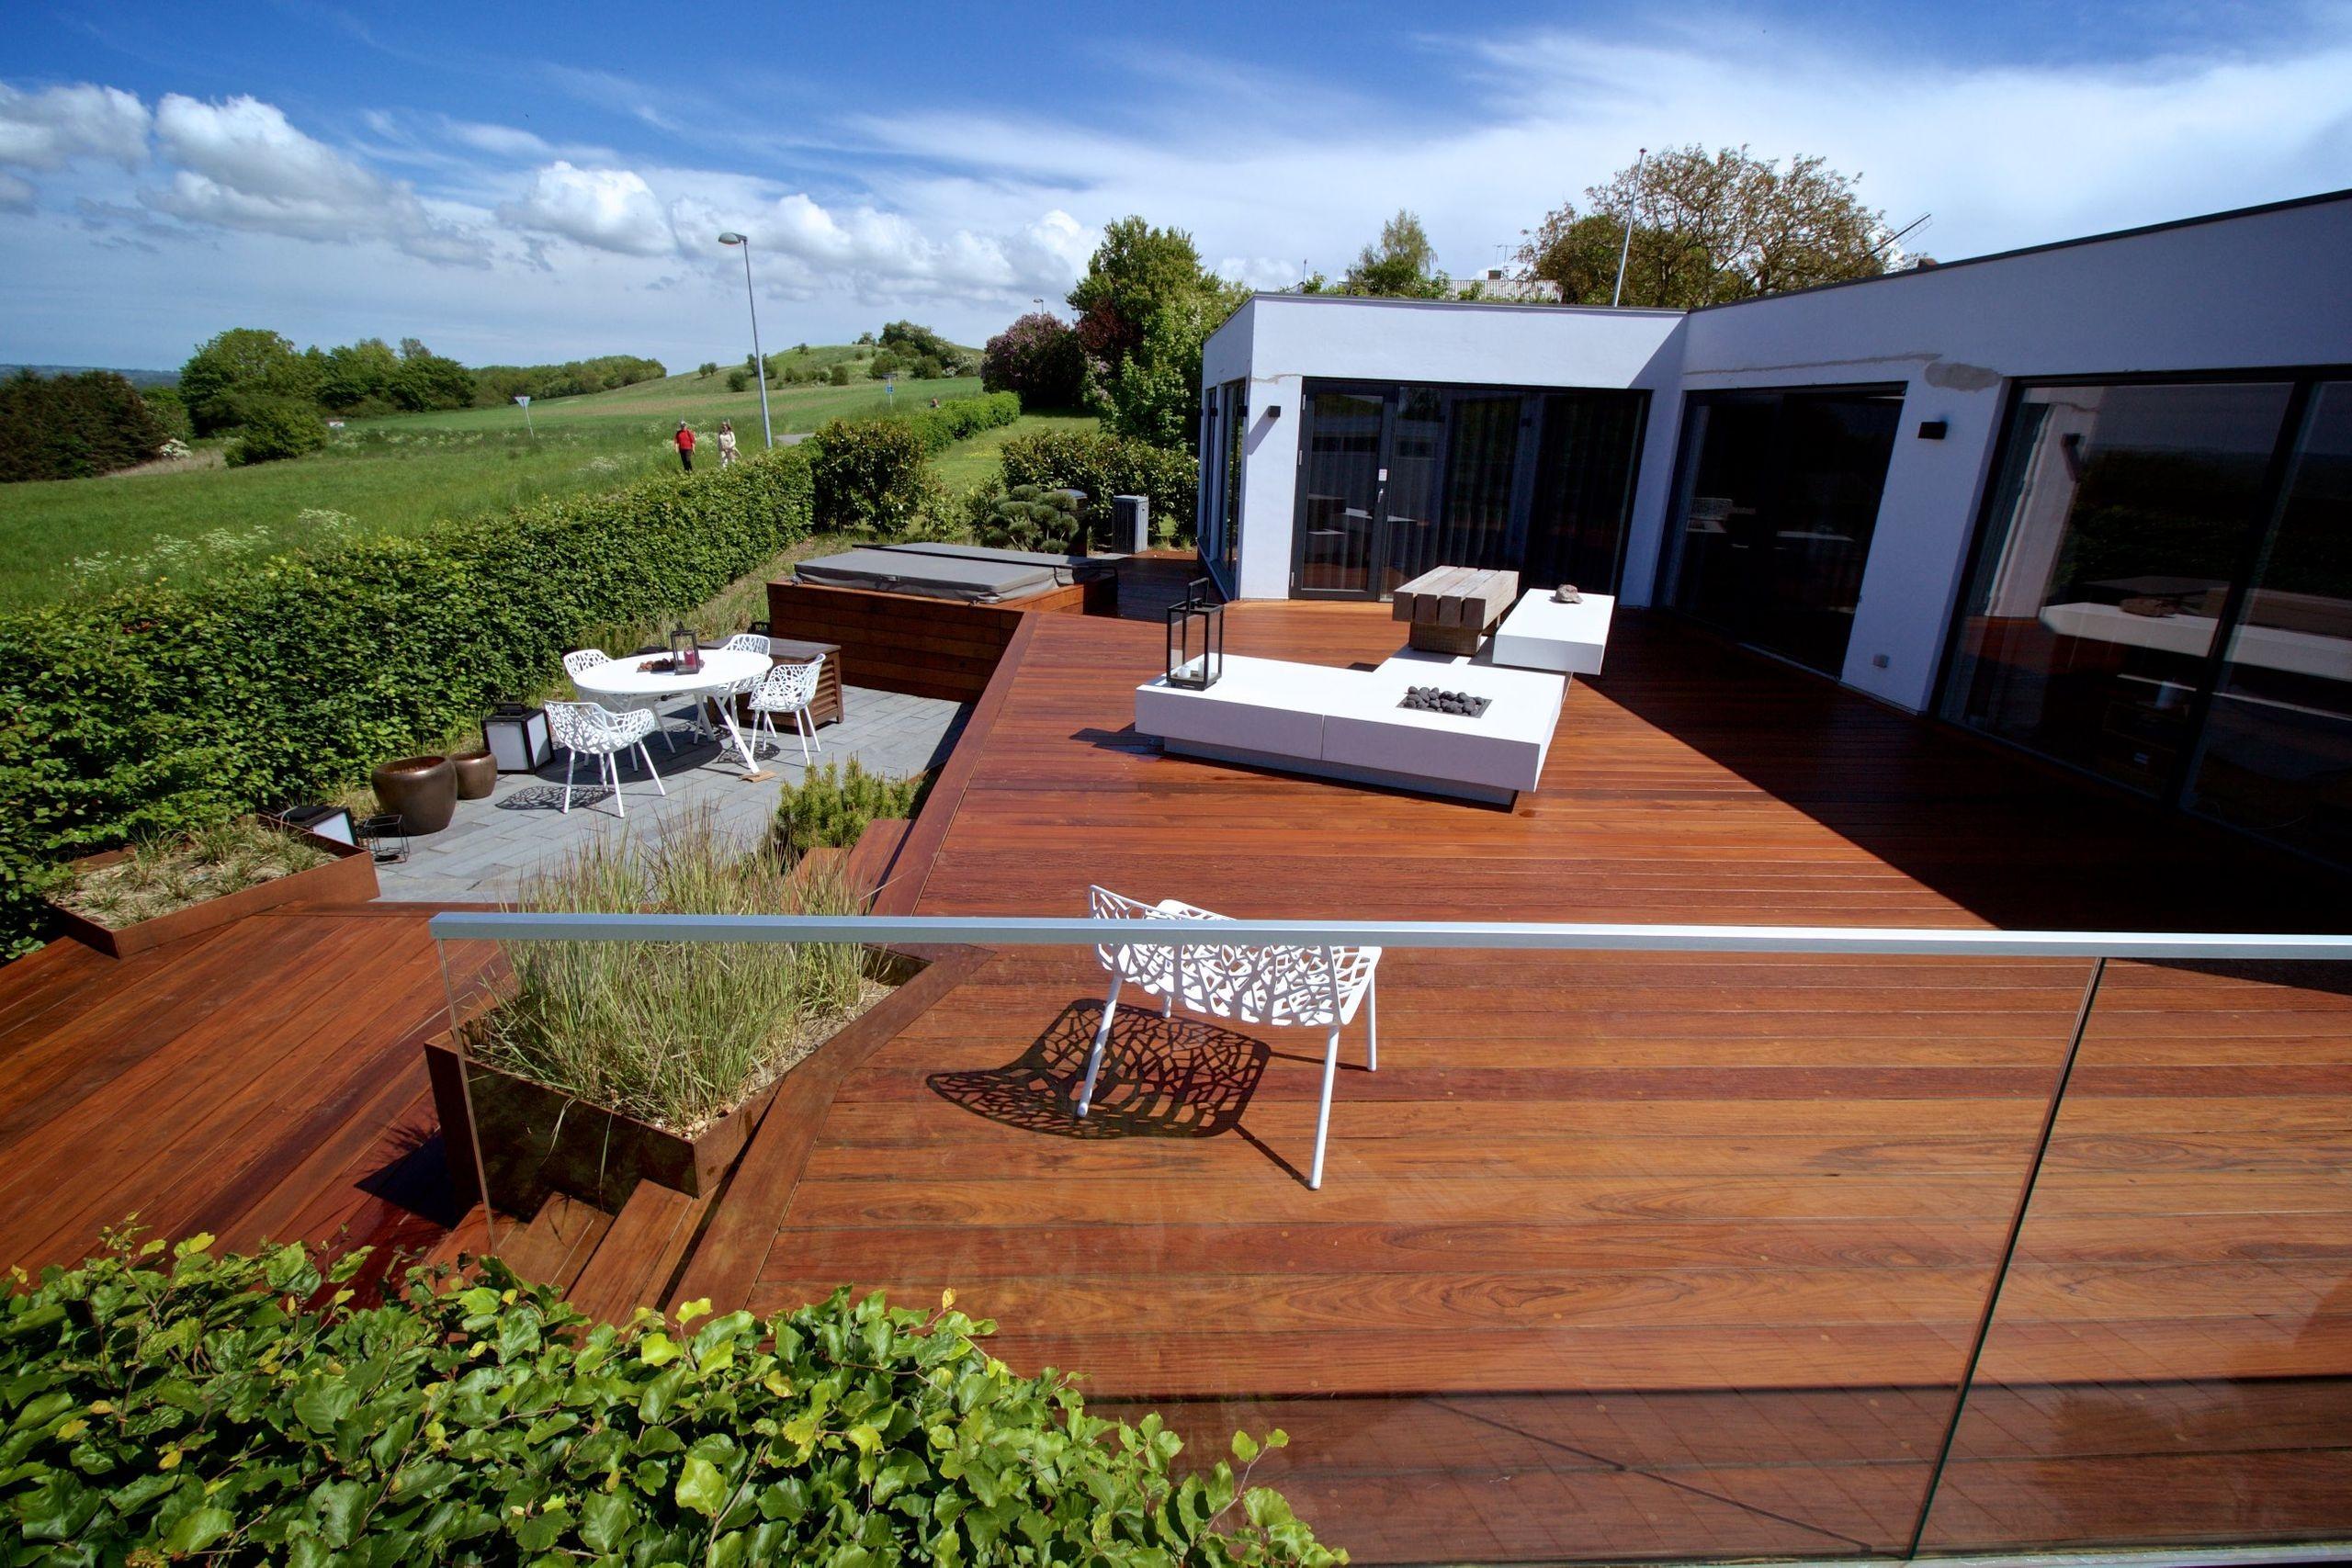 Få større udendørs råderum med en fantastisk træterrasse